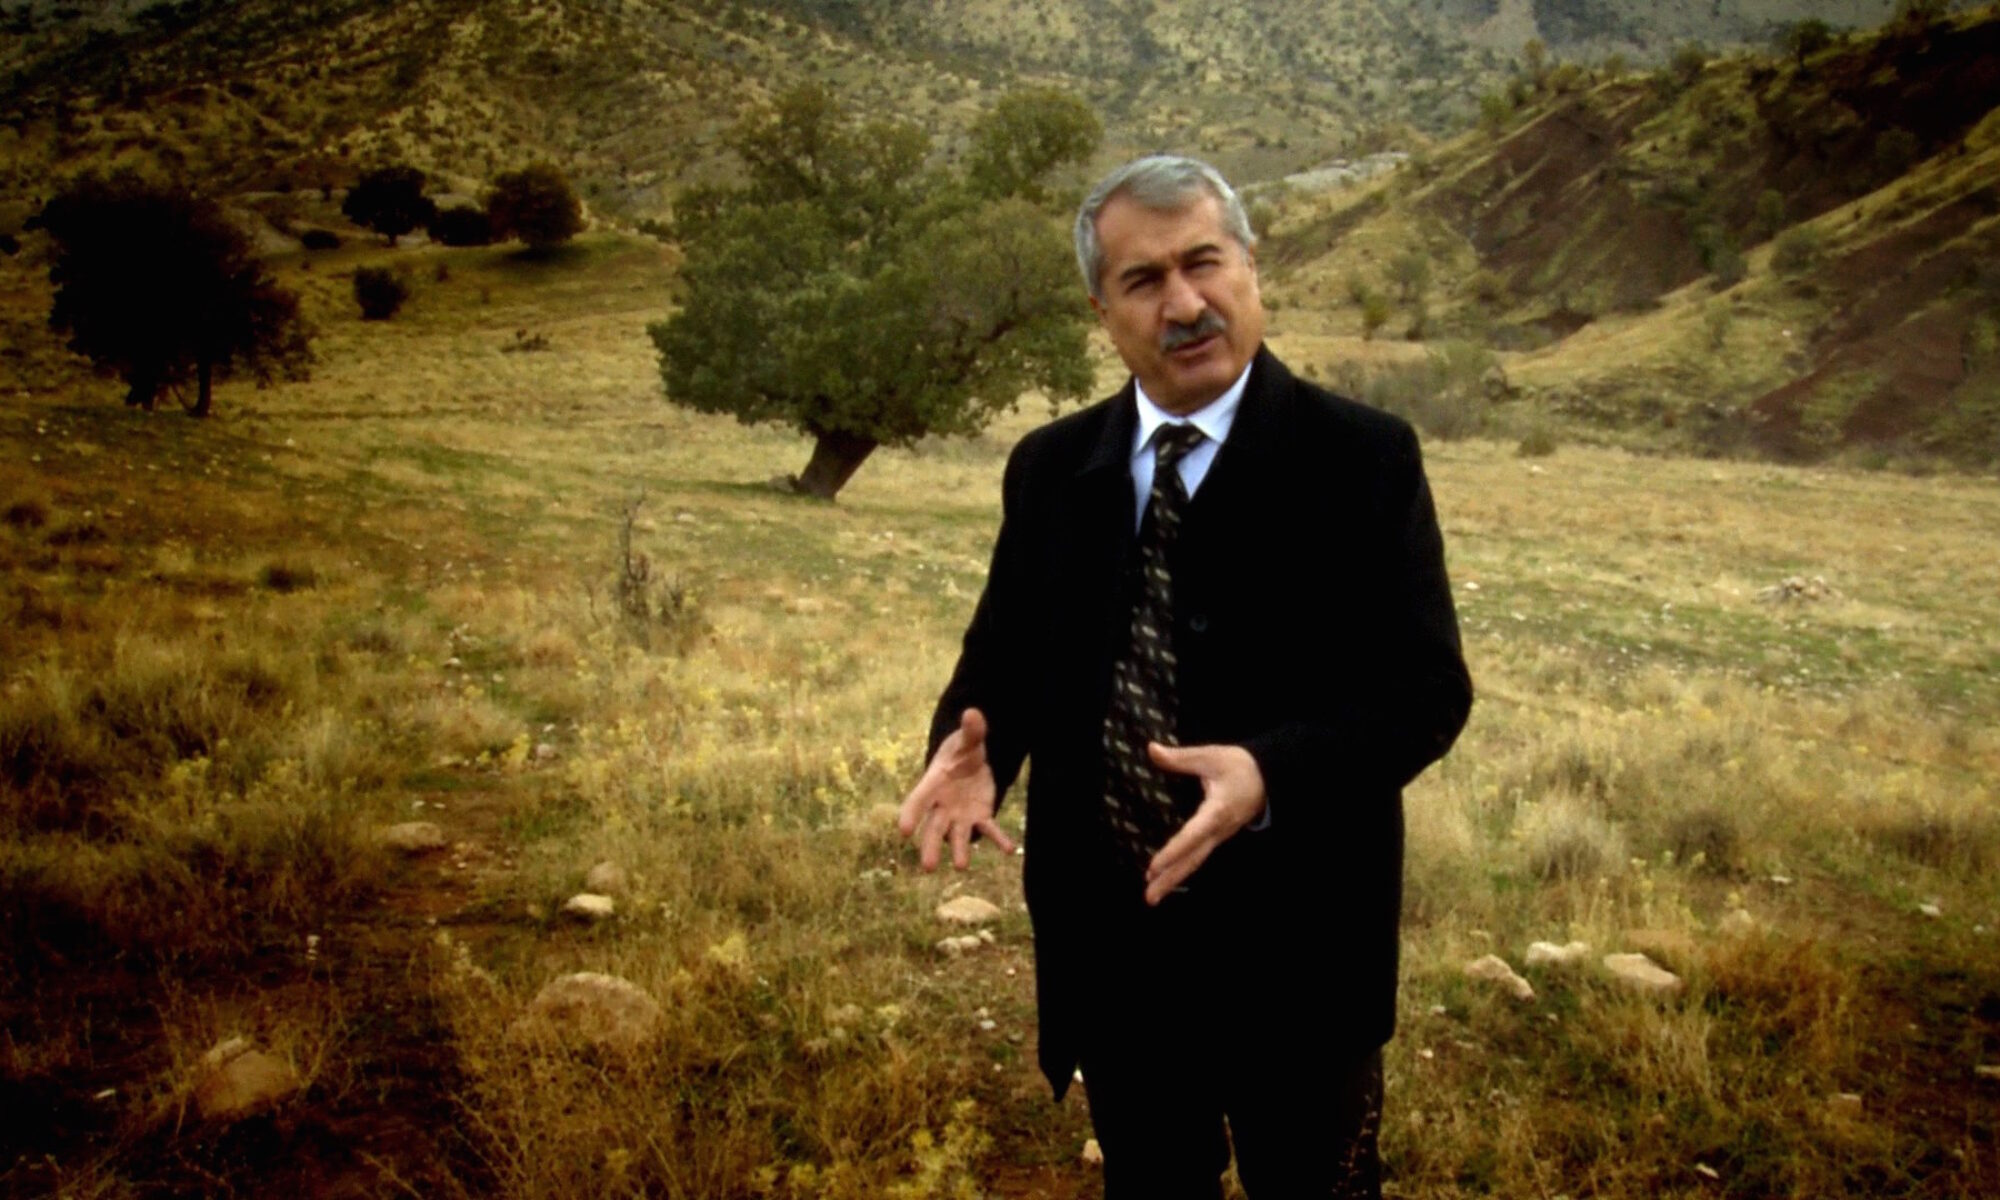 PKK'ye bağlı PÇDK'nin eski başkanı Fayiq Gulpi'den önemli soru: Süleymaniye sınırında çok sayıda PKK'li yönetici hayatını kaybettiği halde PKK neden YNK'ye karşı açıklama yapmıyor Ezmar, Demhat Agit, Mawet, Şarbajer, Pişder, Cemil Amed